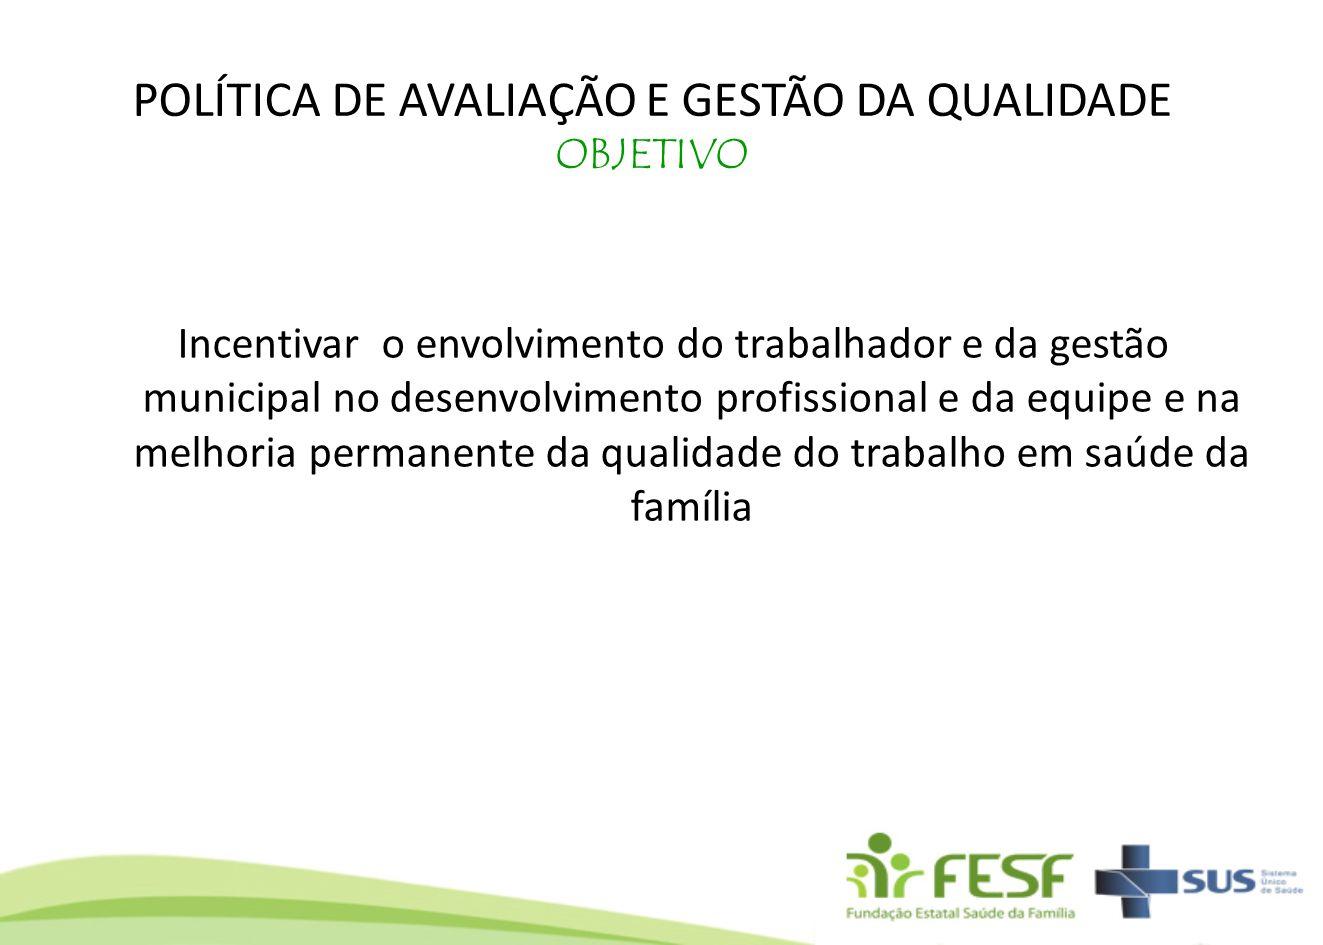 POLÍTICA DE AVALIAÇÃO E GESTÃO DA QUALIDADE OBJETIVO Incentivar o envolvimento do trabalhador e da gestão municipal no desenvolvimento profissional e